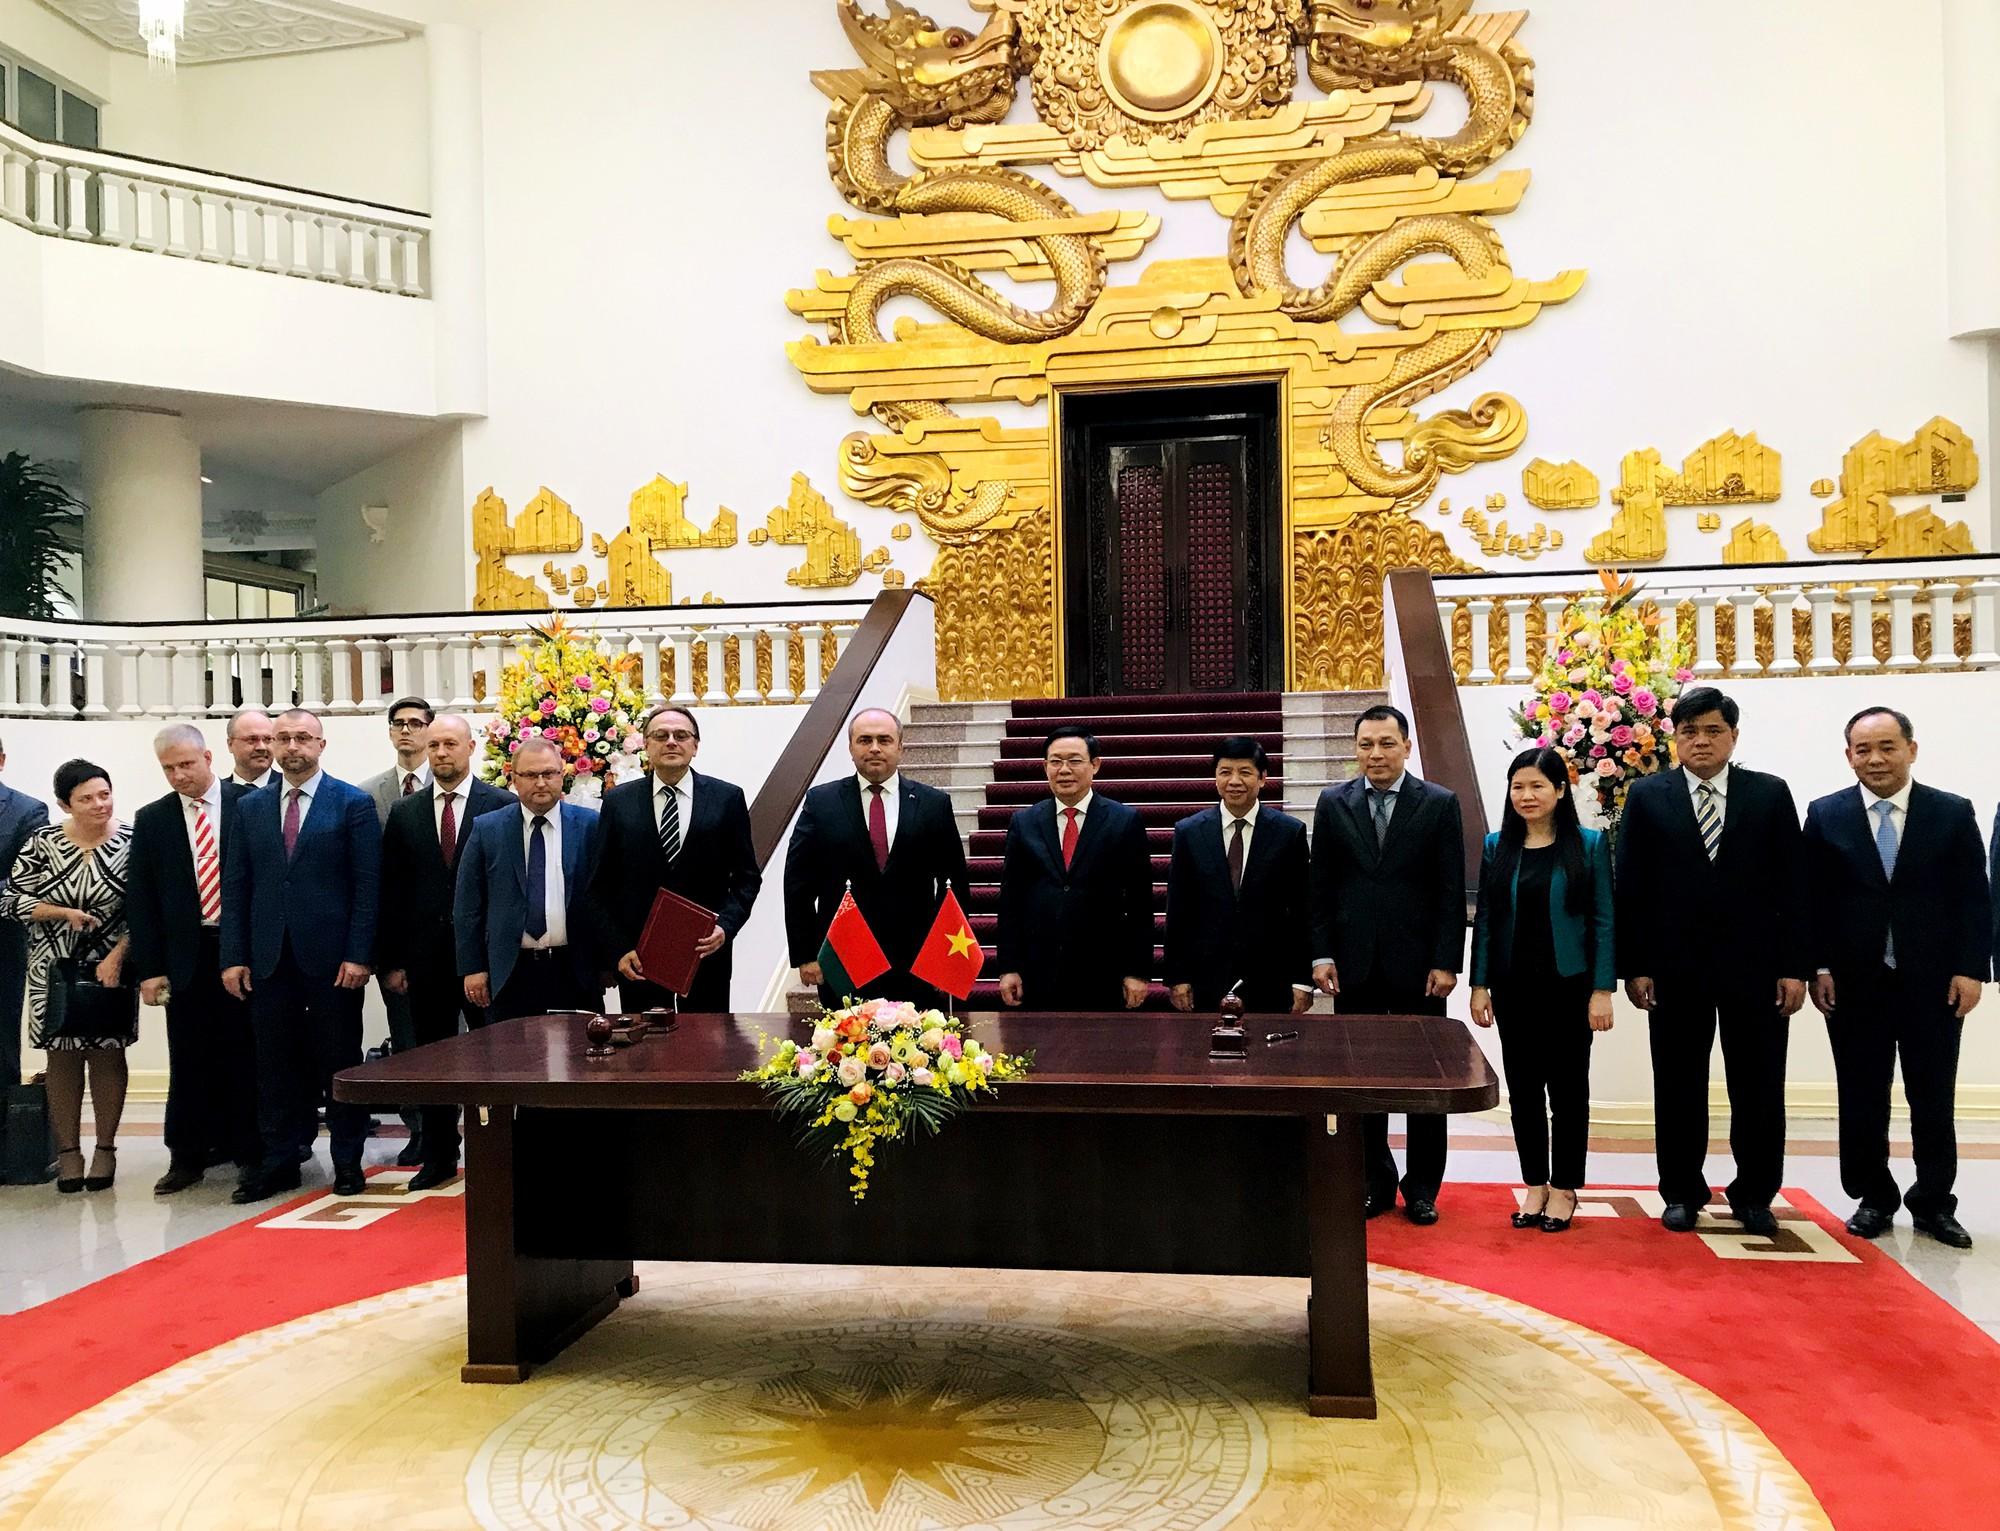 Việt Nam và Belarus ký chương trình hợp tác văn hóa giai đoạn 2020 - 2020 - Ảnh 3.